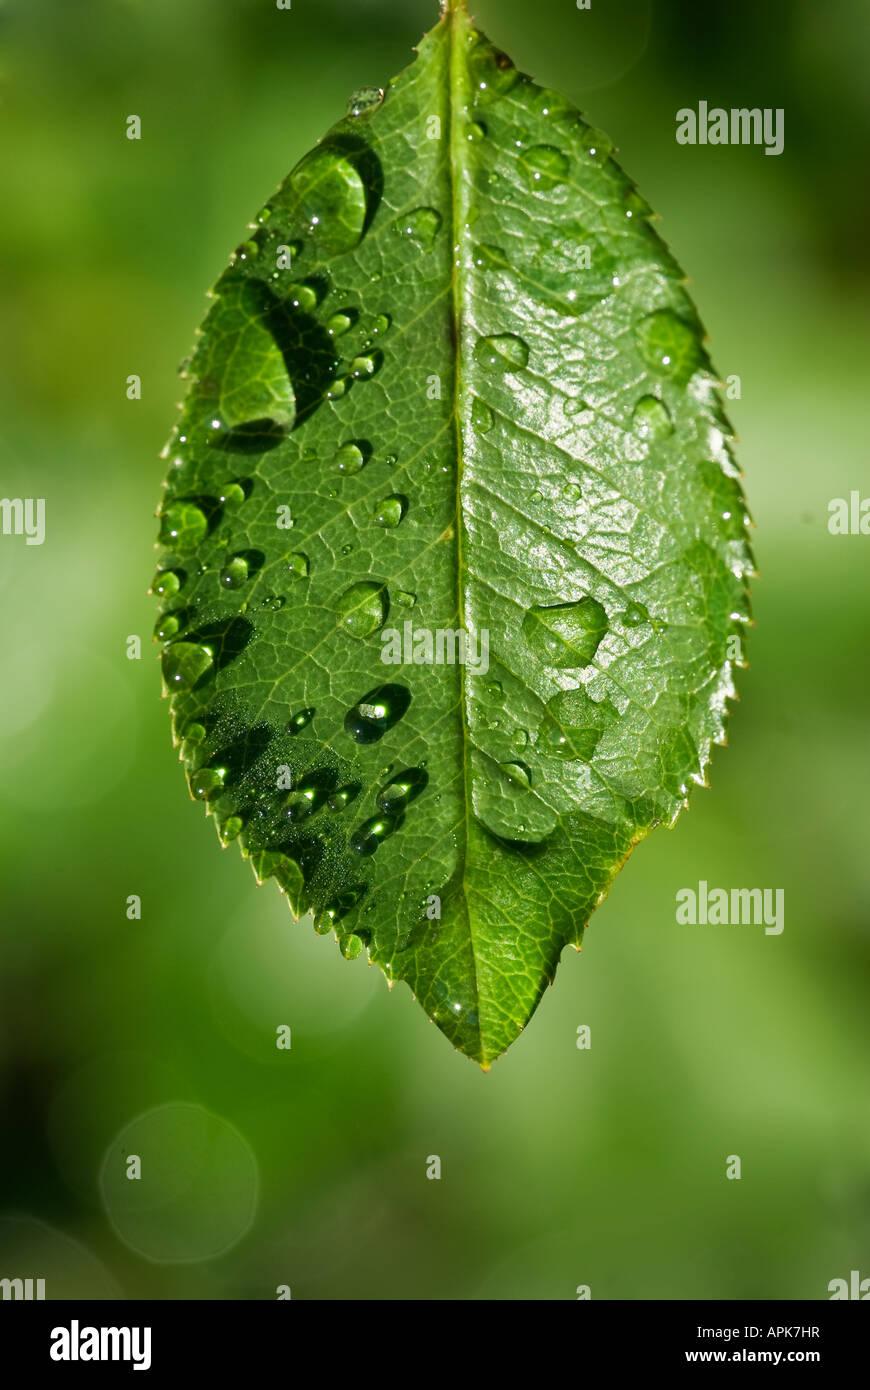 Gotas de agua clara sobre una delicada hoja verde Imagen De Stock